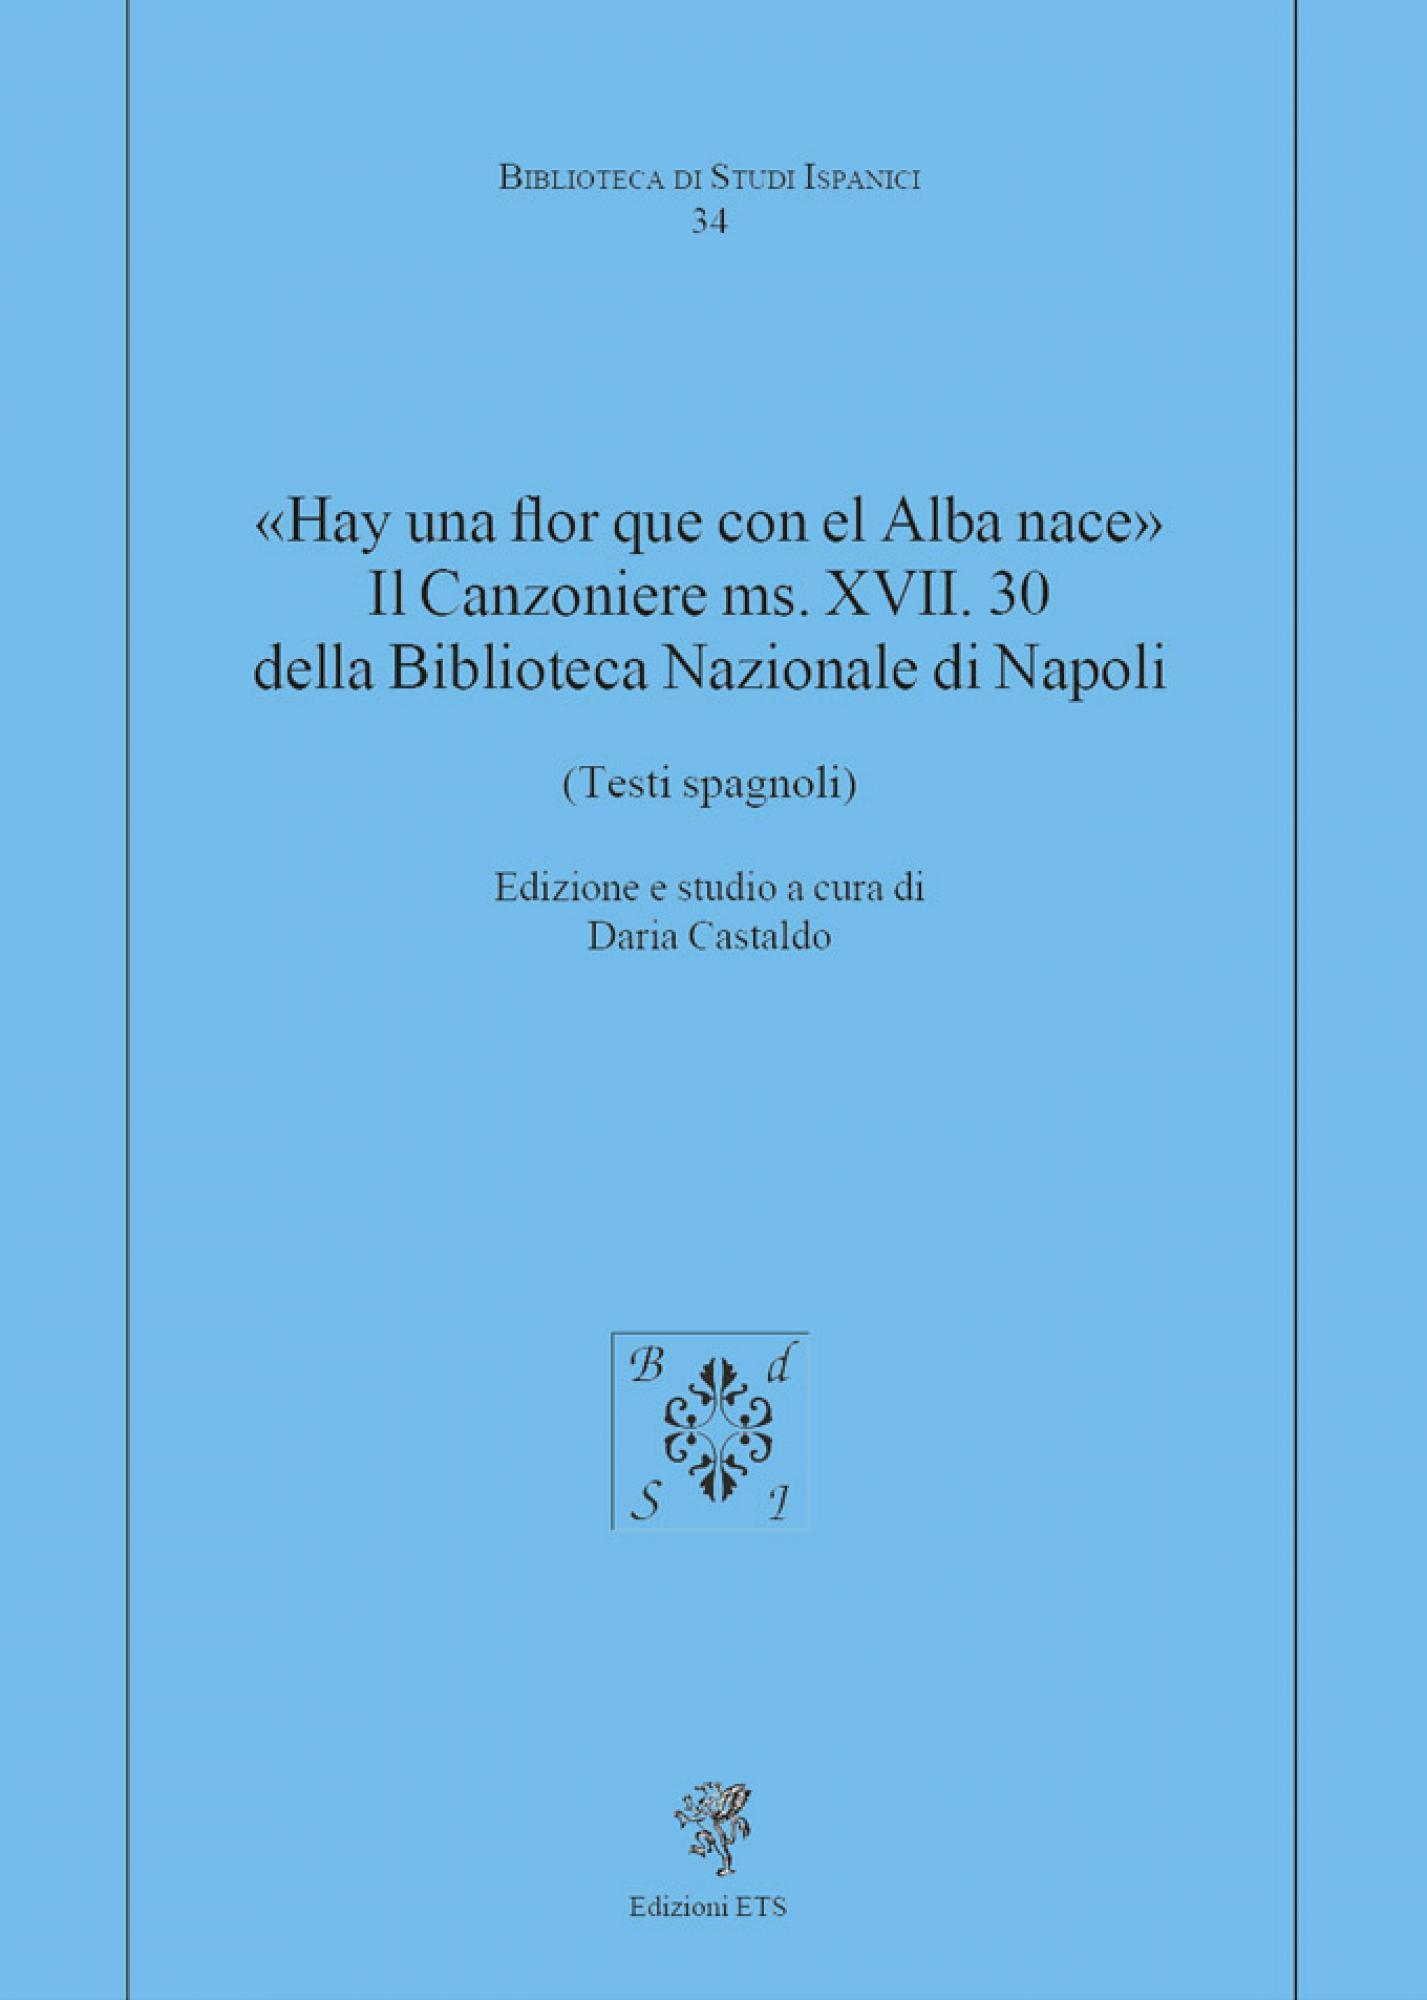 «Hay una flor que con el Alba nace». Il Canzoniere ms. XVII. 30 della Biblioteca Nazionale di Napoli.(Testi spagnoli)